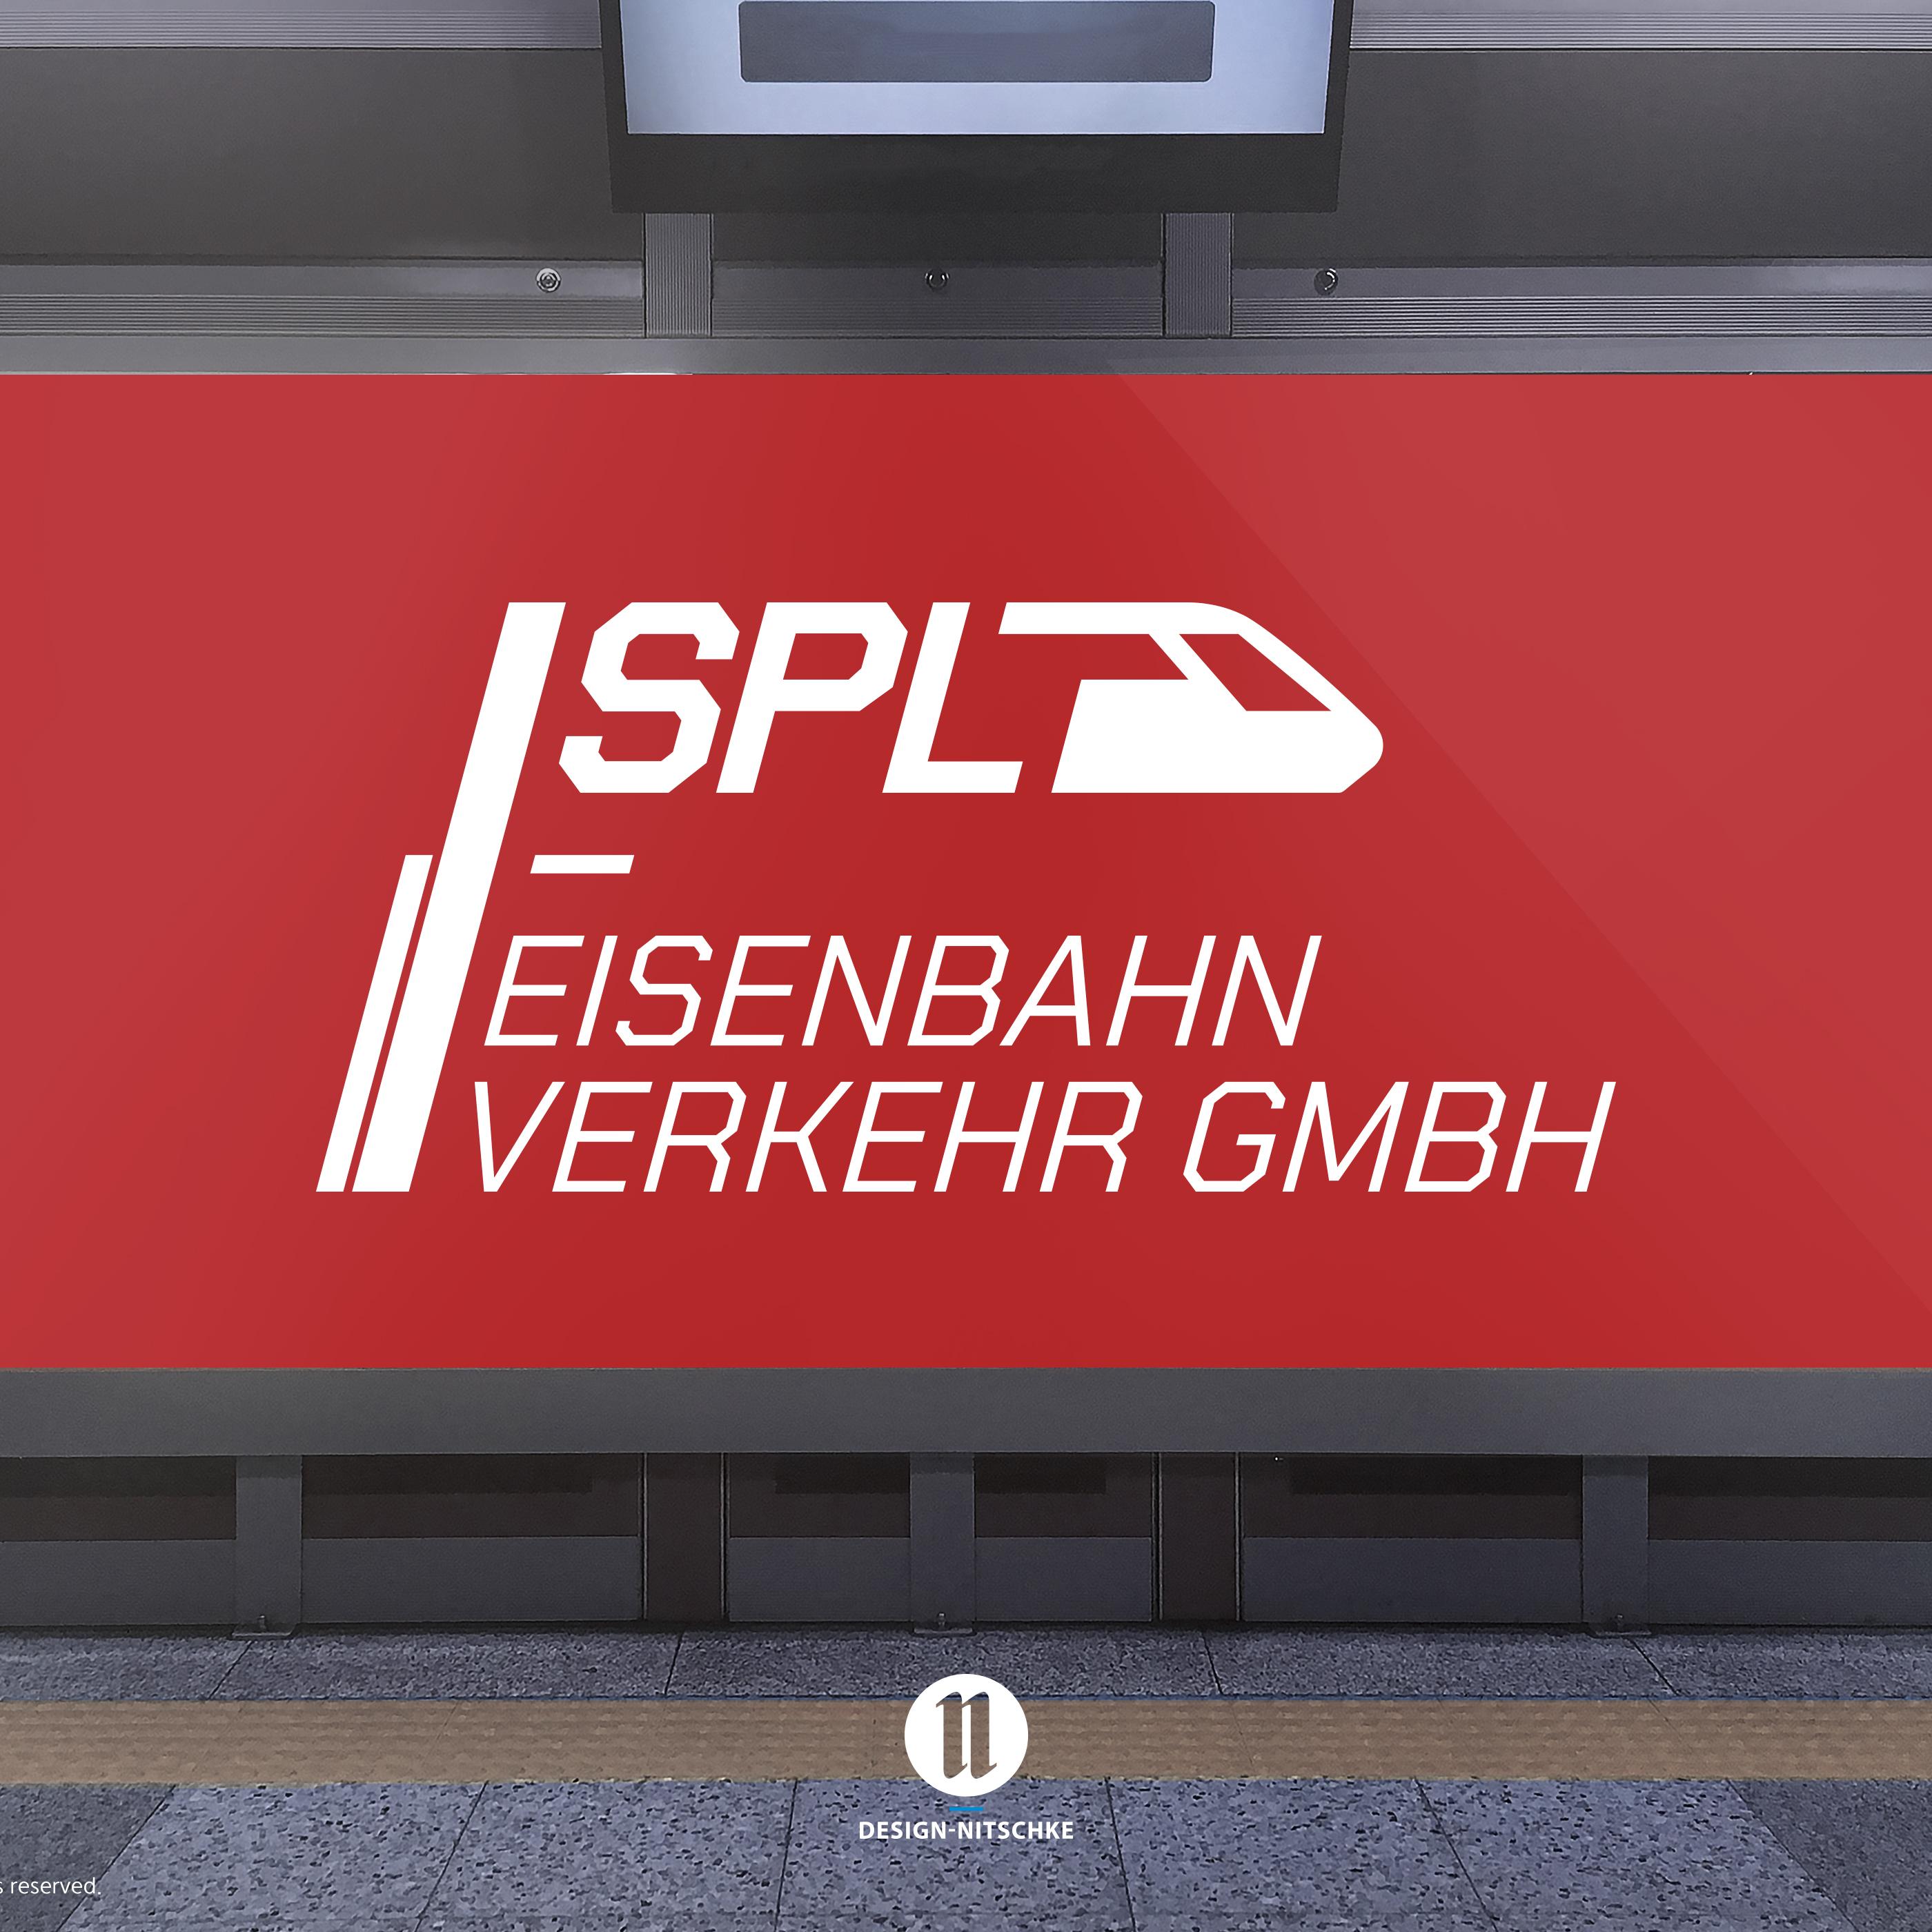 spl_eisenbahnverkehr_design_nitschke_logo_werbeagentur_oranienburg_rot_grau.jpg